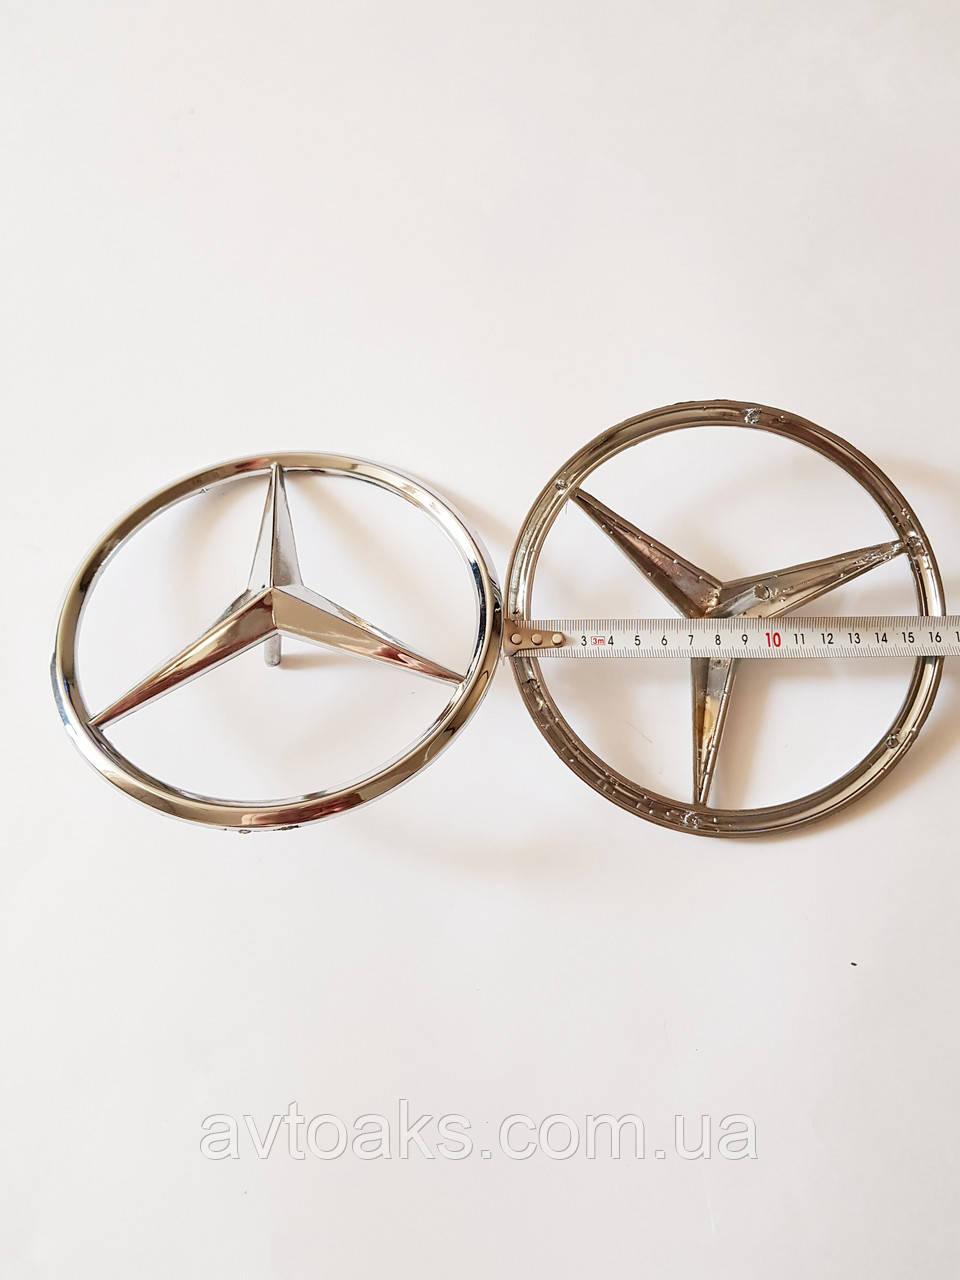 Эмблема Mercedes Vito 165 мм, передняя